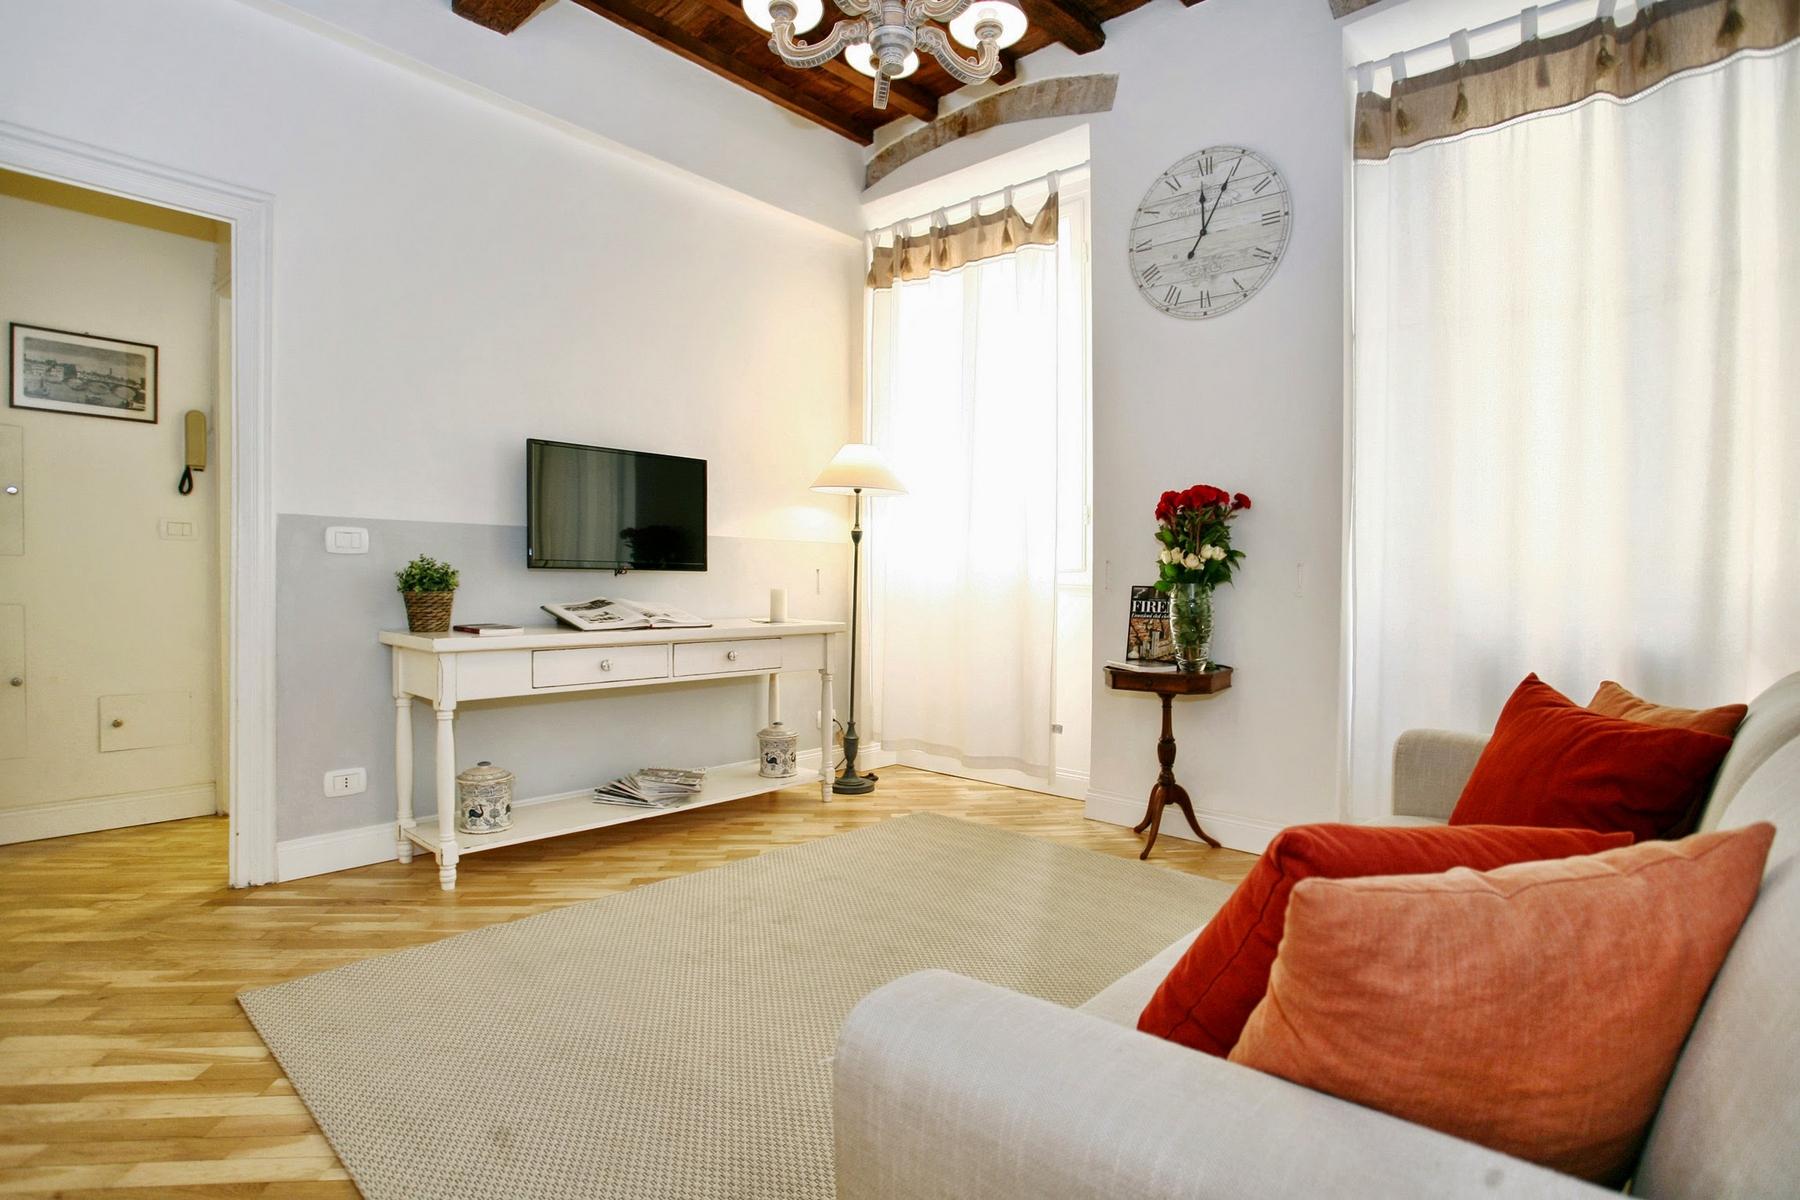 Appartamento in Vendita a Firenze via dei leoni